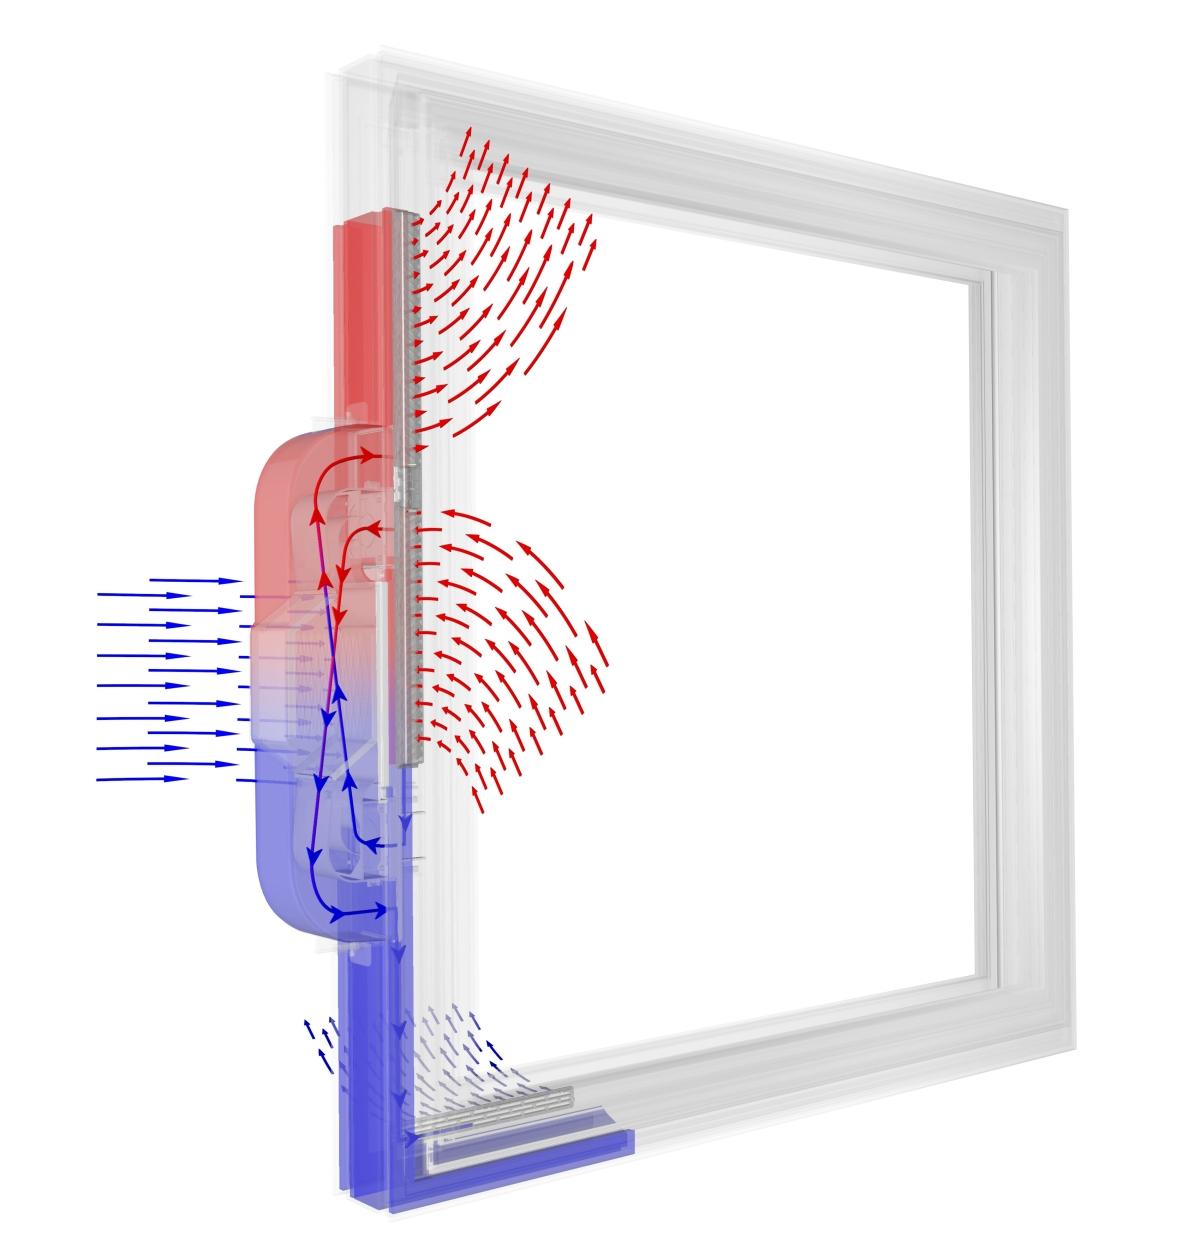 Jak na jednoduché větrání? Pomocí chytrých oken! slide 1